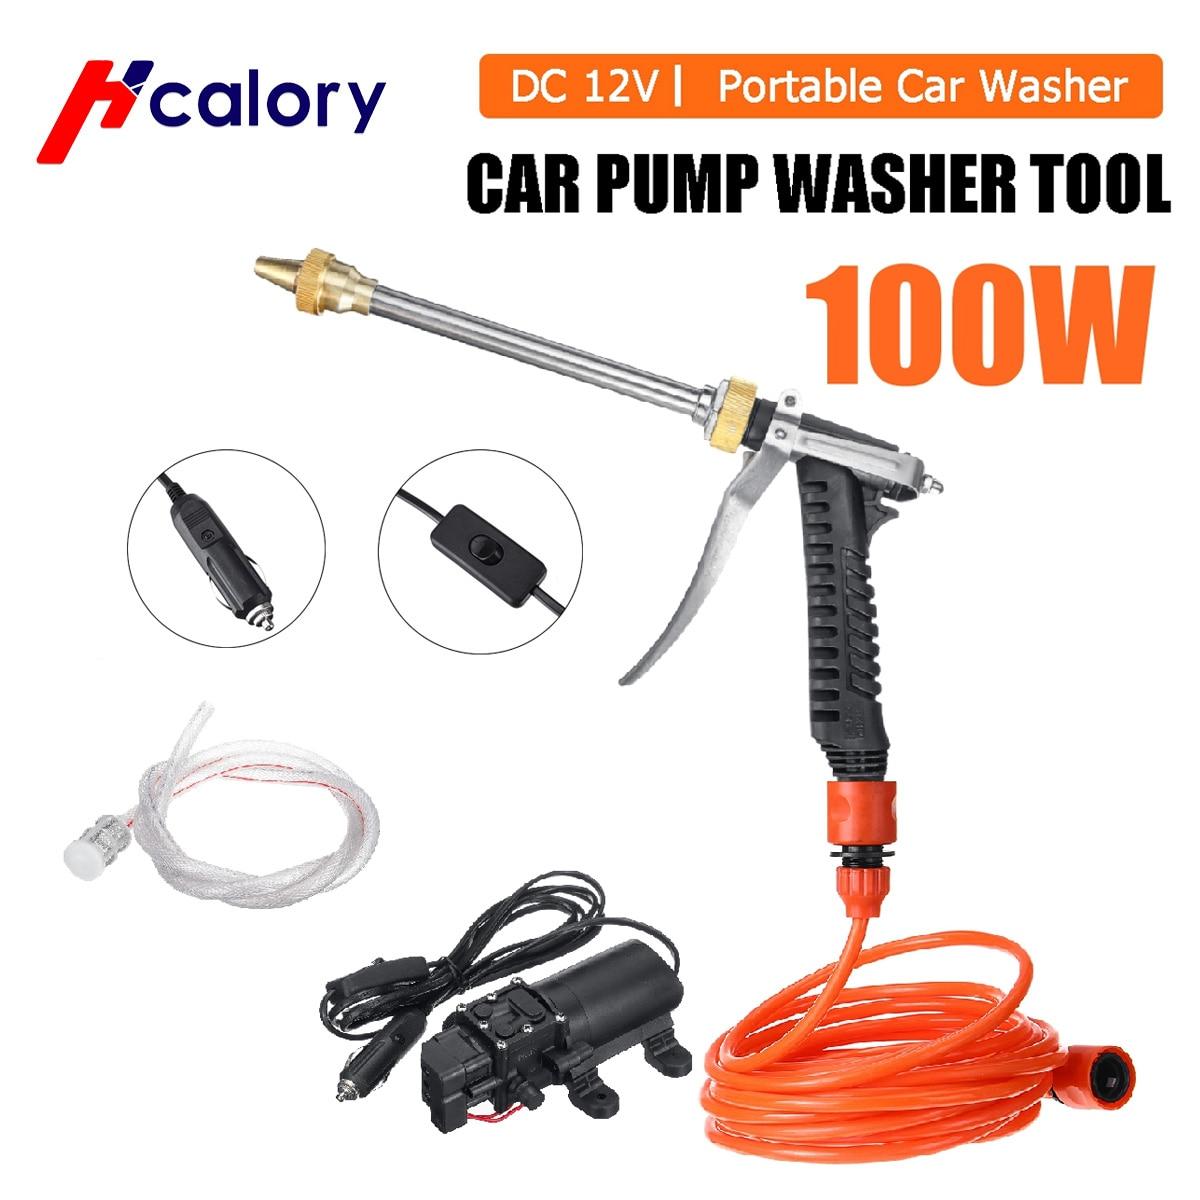 100 واط 12 فولت جهاز تنظيف يعمل بالضغط العالي سيارة كهربائية محمولة منظف رشاش سقي غسل عدة تنظيف مضخة ذكية